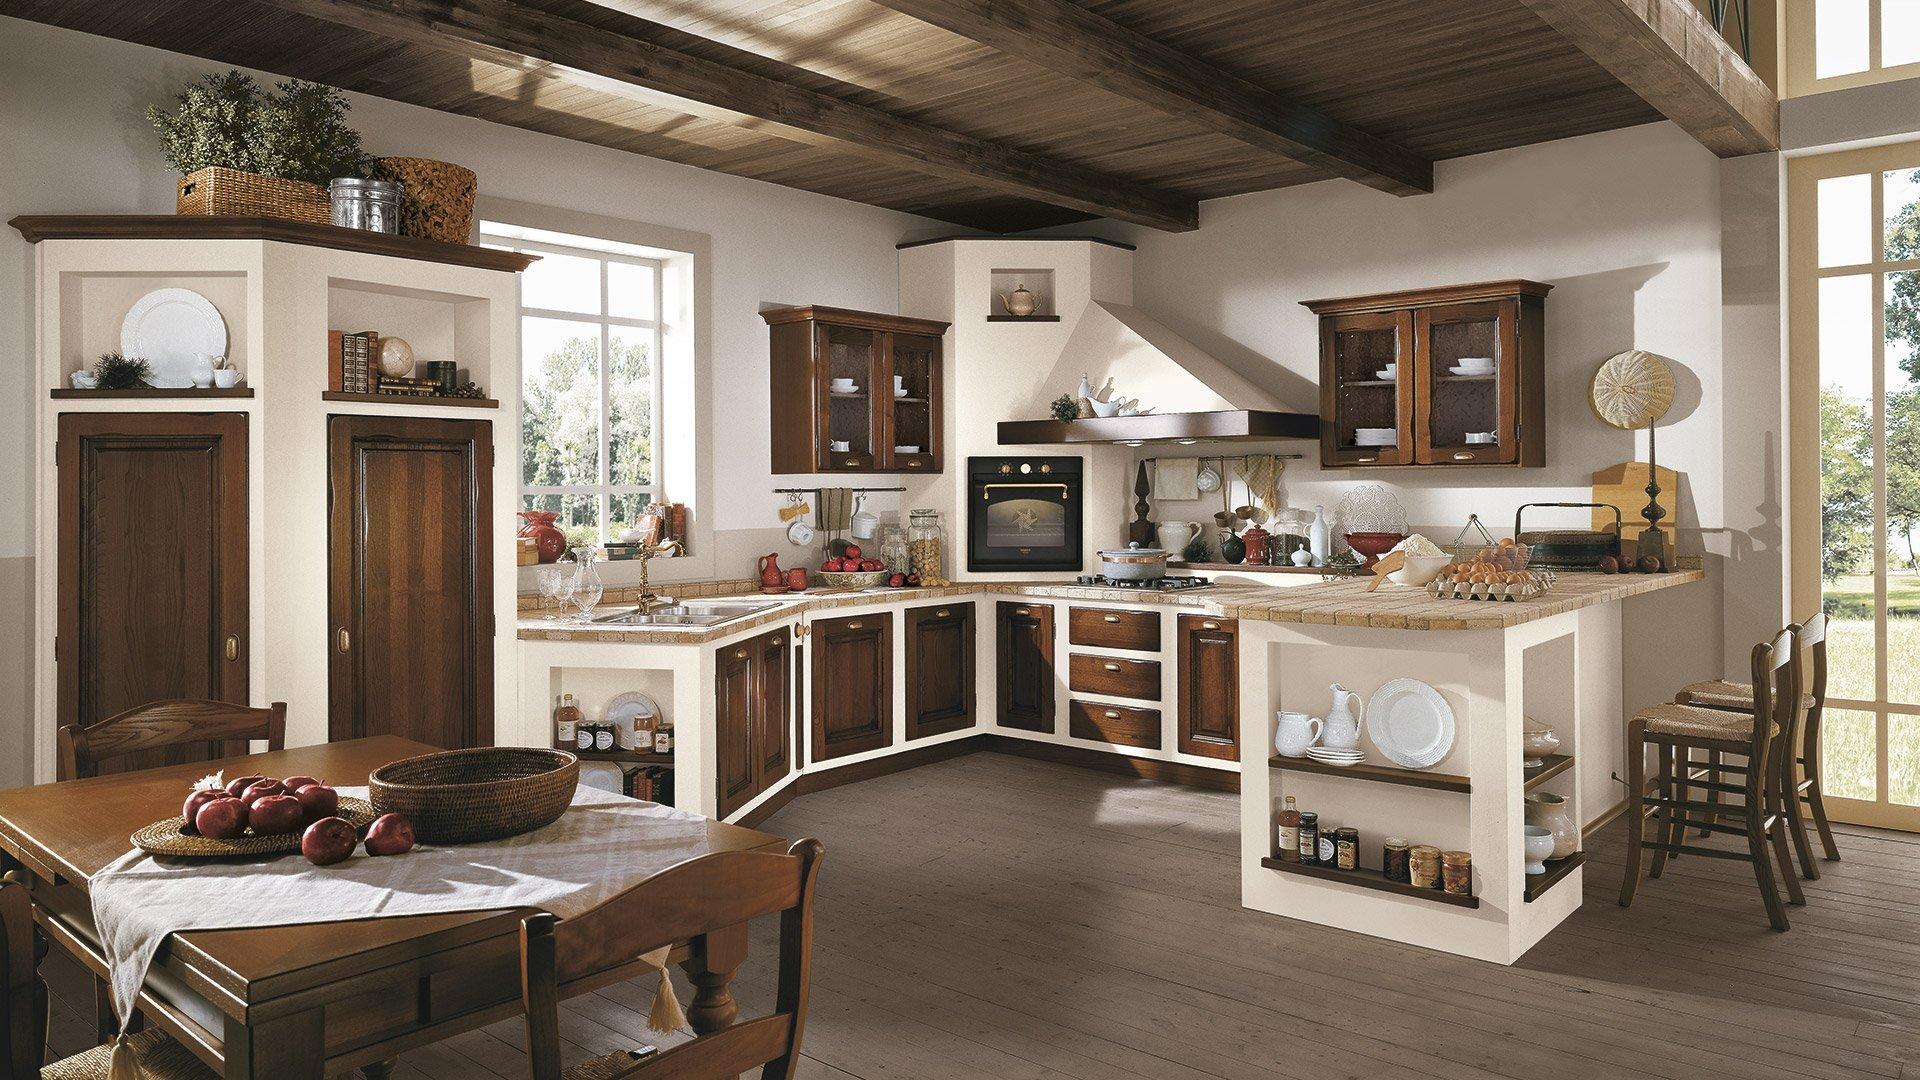 Cucina Onelia Borgo Antico - Vissani Casa